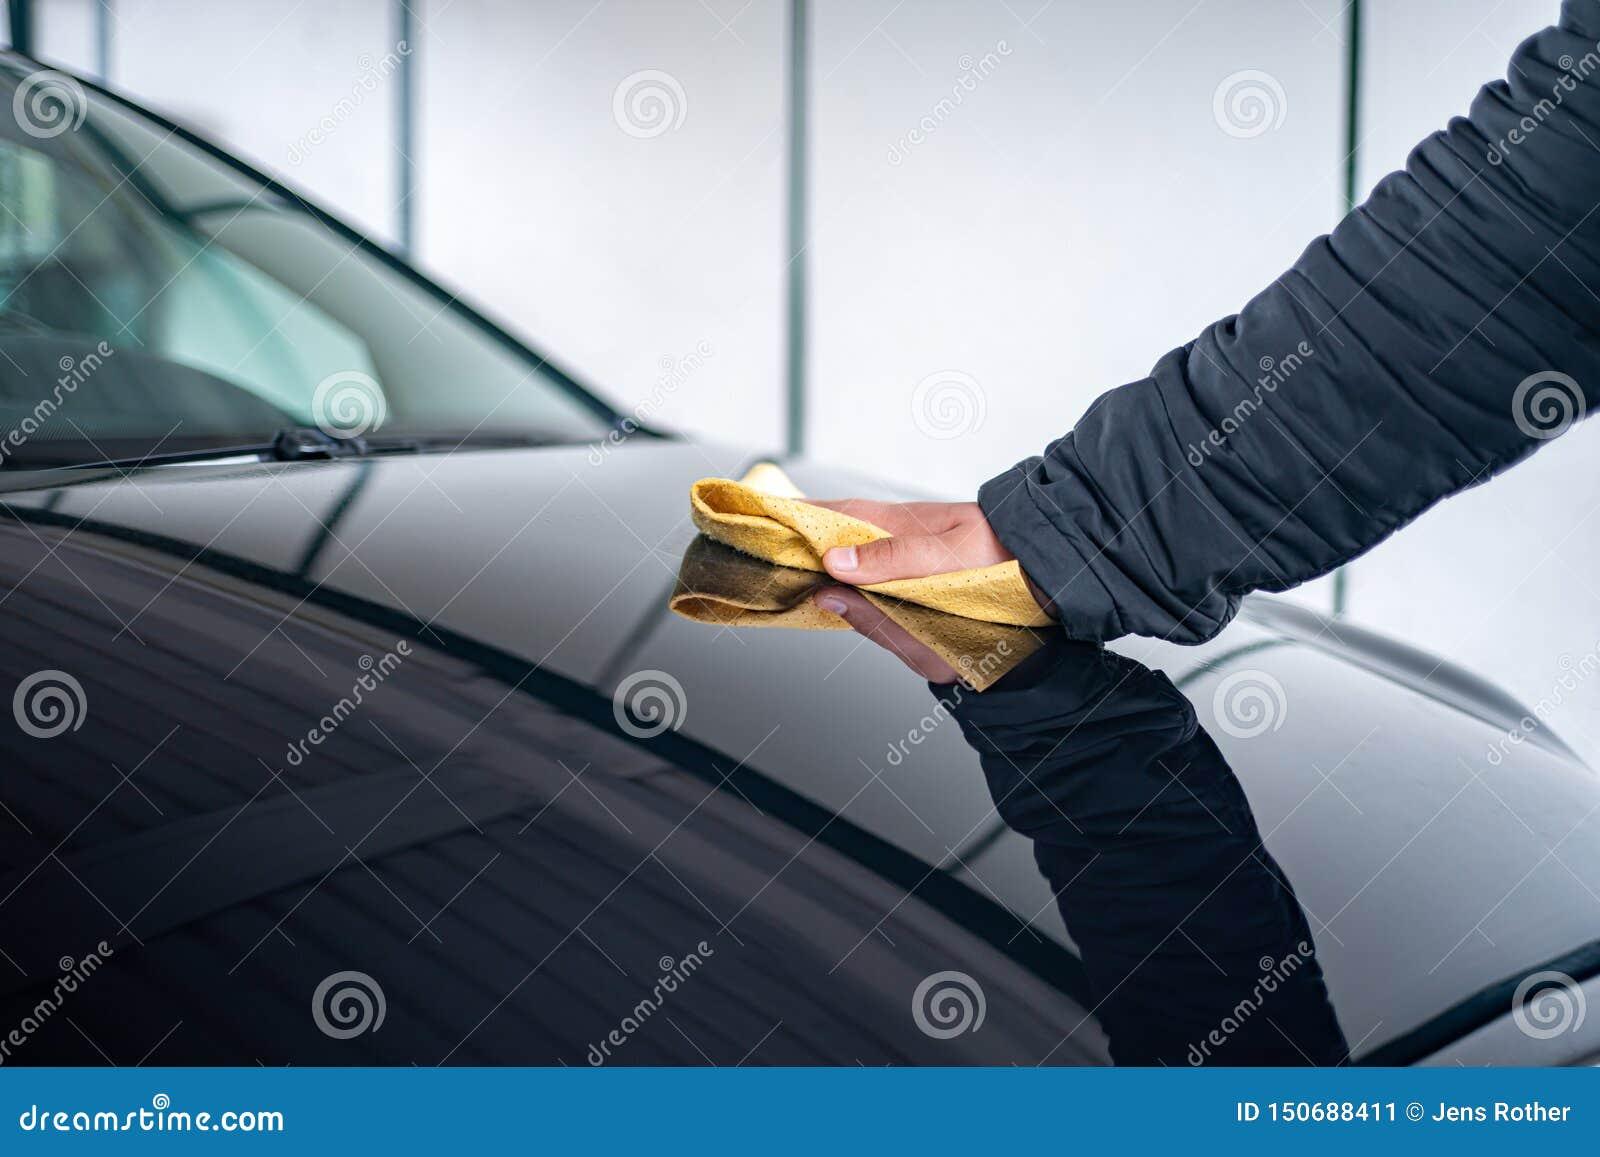 Una persona pule el capo en su coche